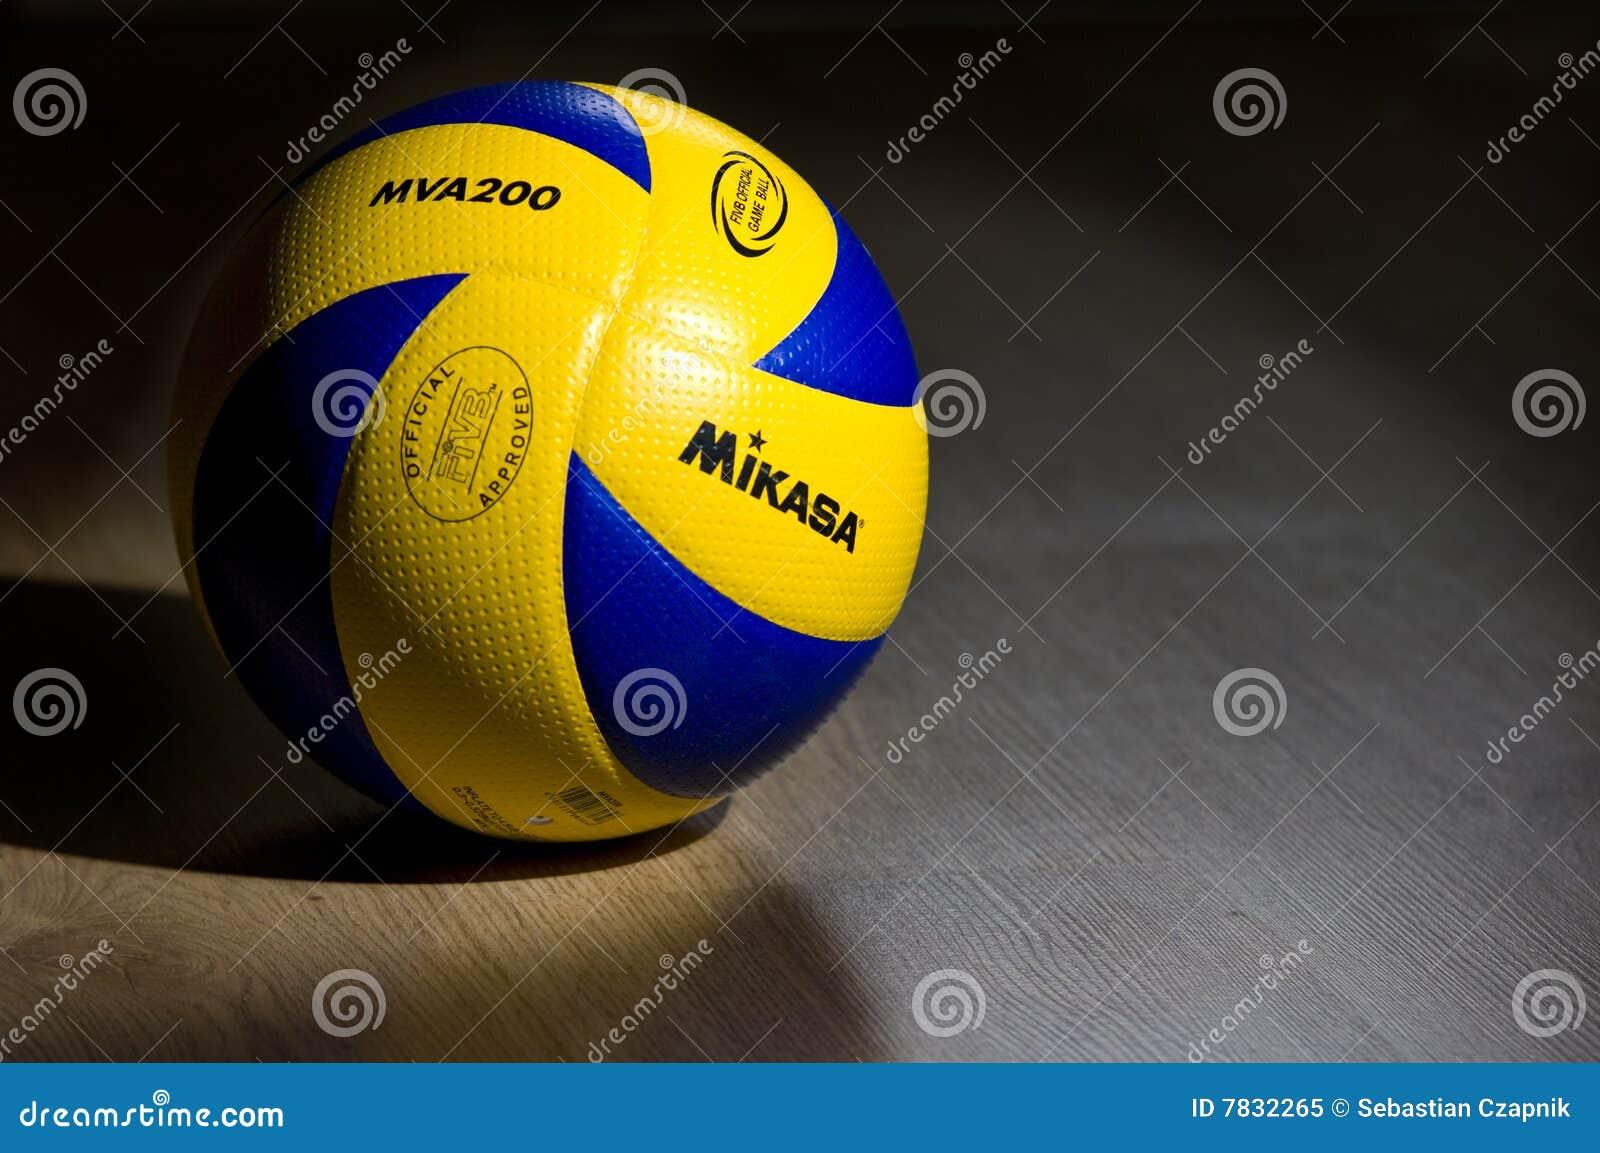 Mikasa FIVB Volley Ball